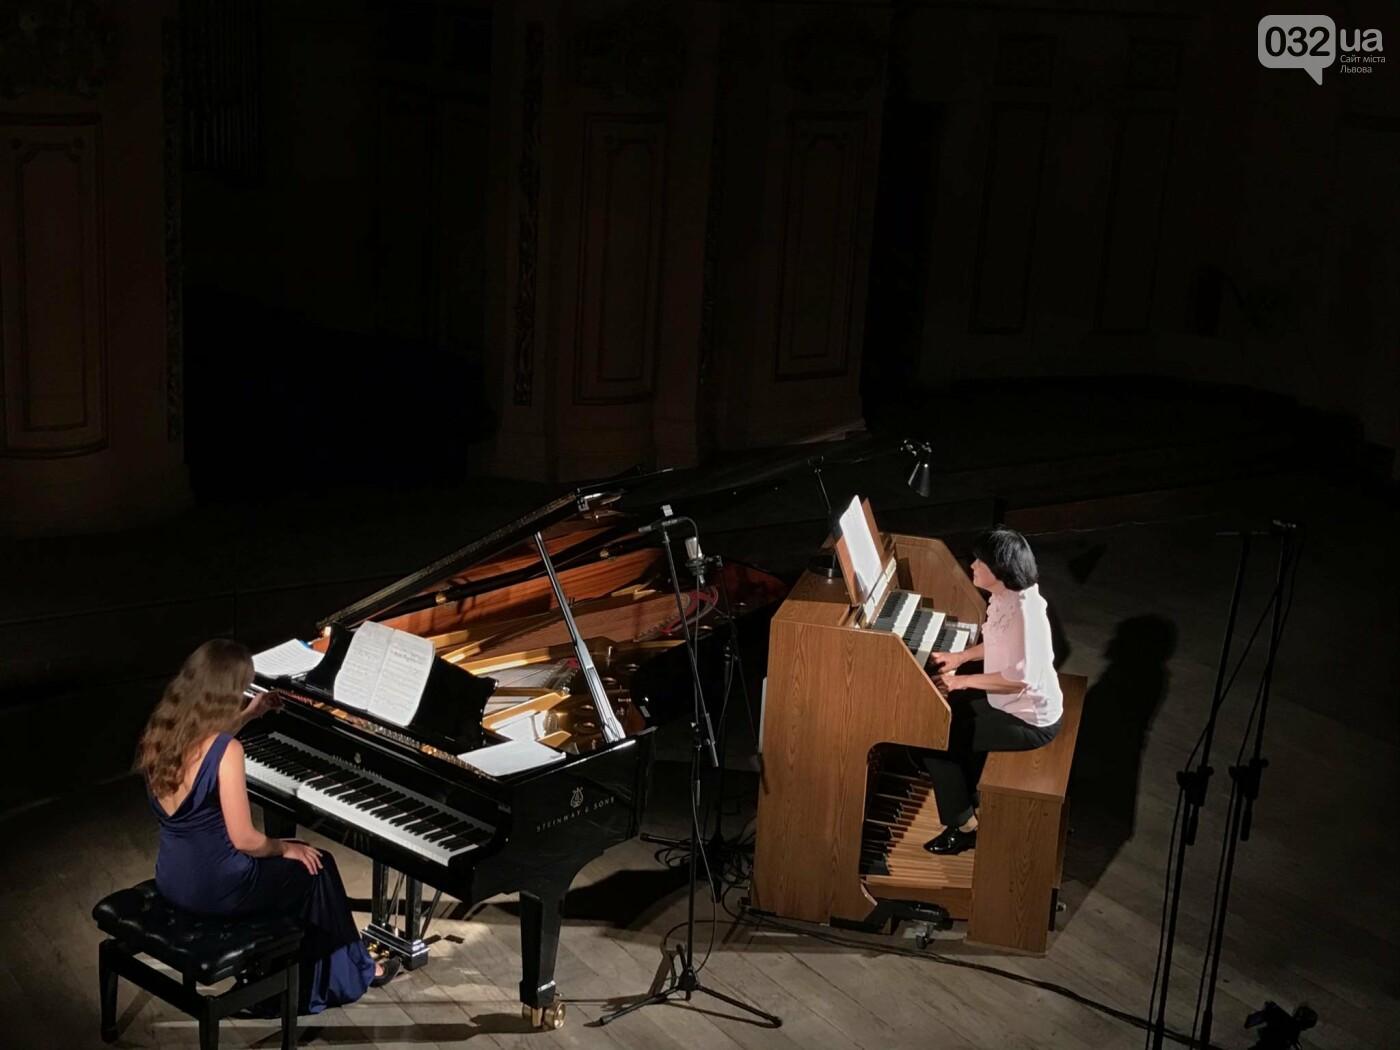 Перший концерт з глядачами у Львівській філармонії. Фото - 032.ua